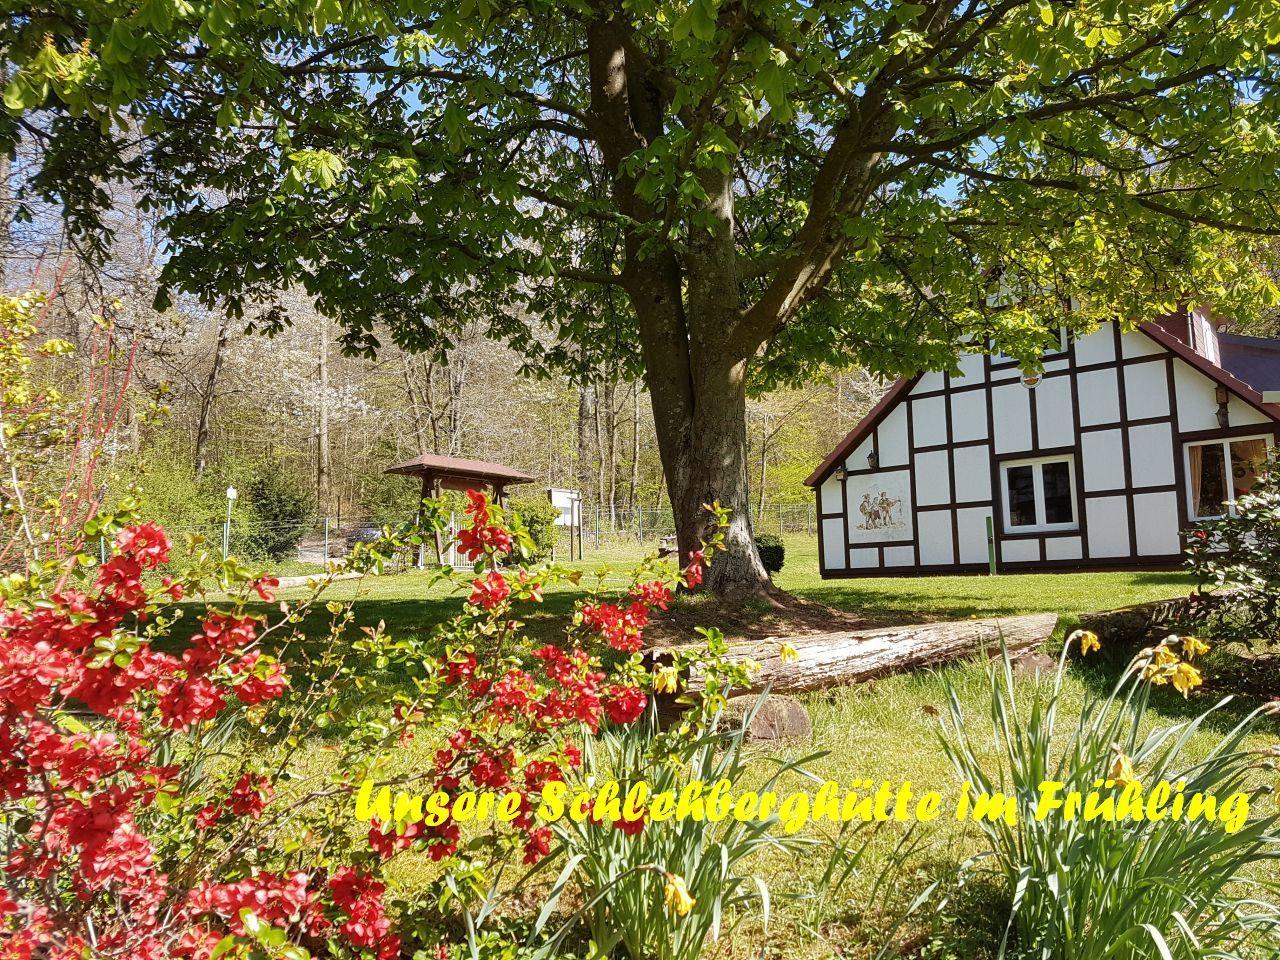 Hütte im FrühlingA